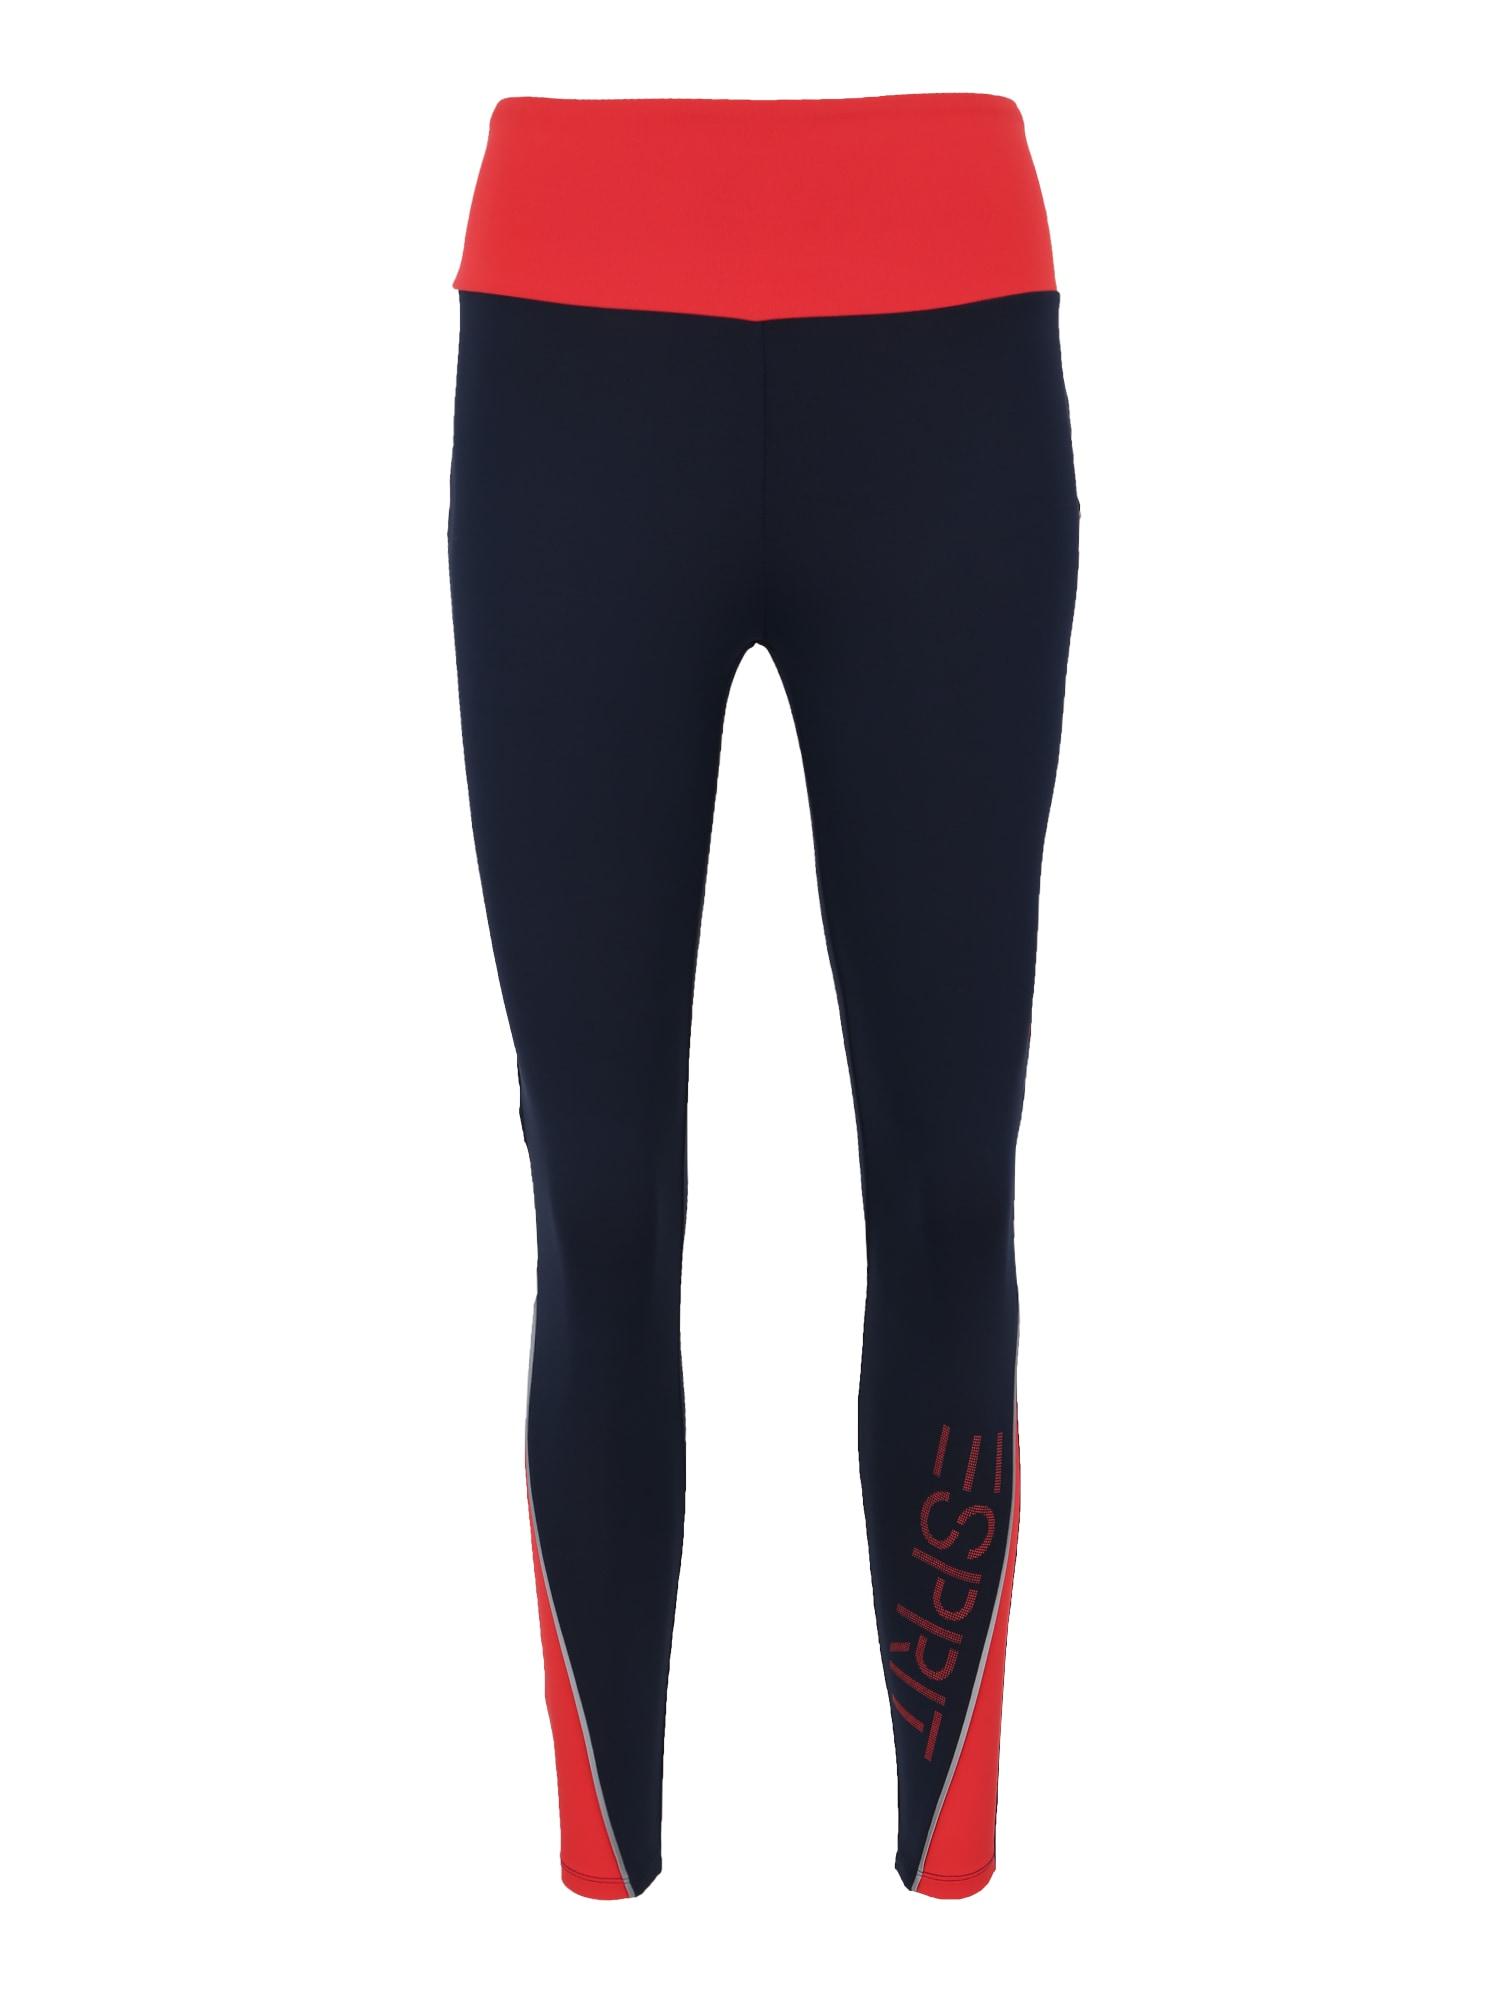 Sportovní kalhoty tight edry cb námořnická modř červená ESPRIT SPORTS